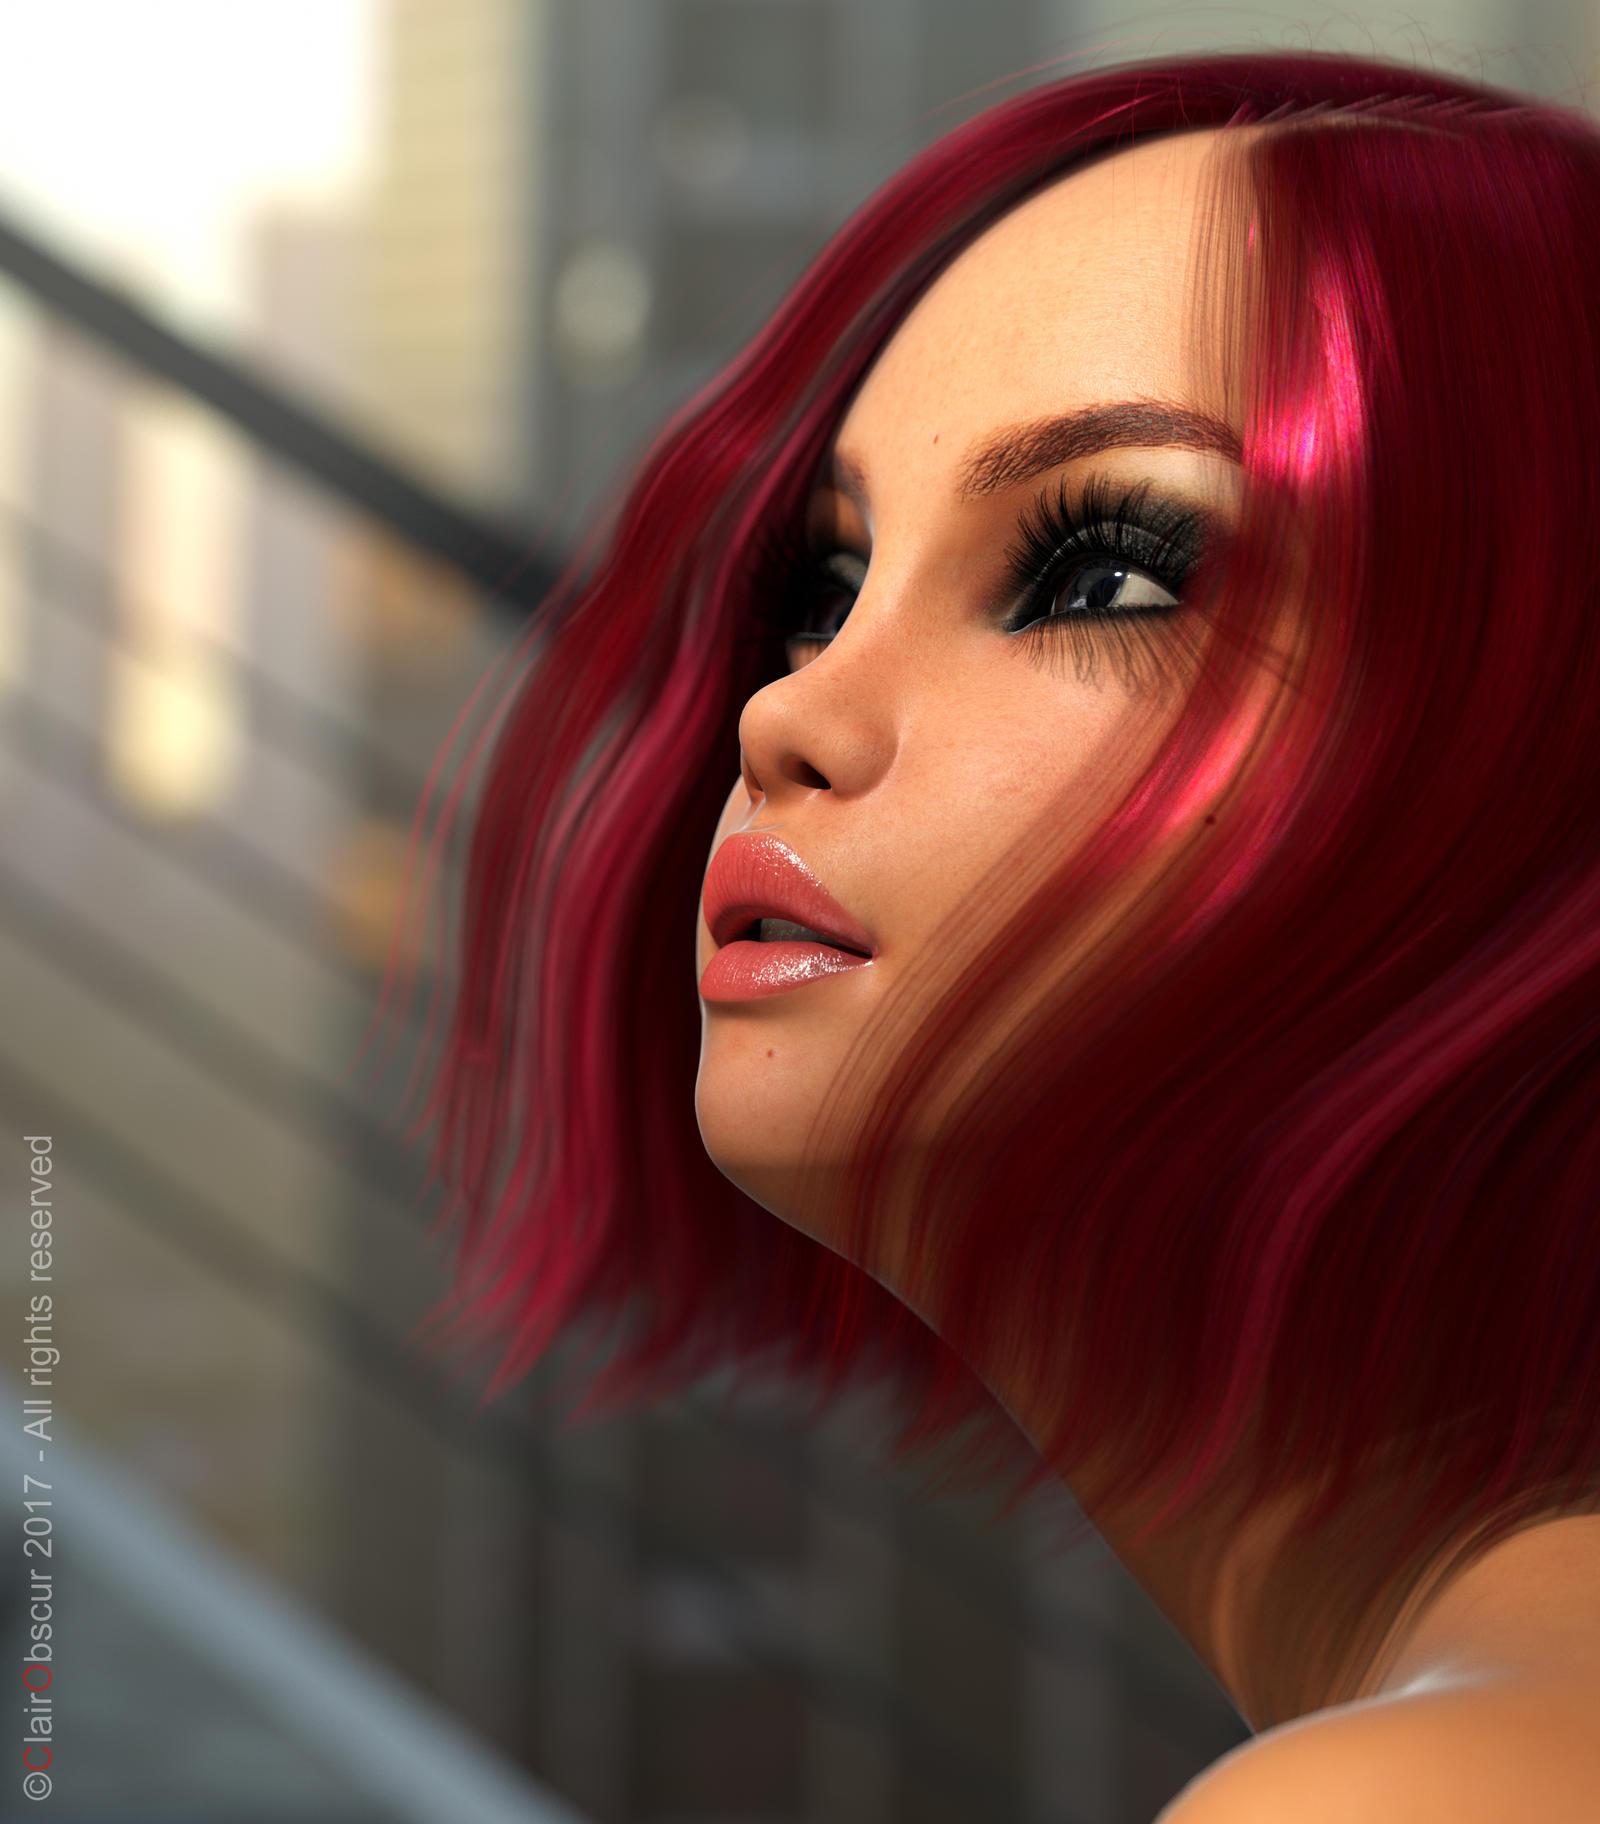 Digital Beauty Series - Portraiture (Oct17) by Digital-Beauty-Serie